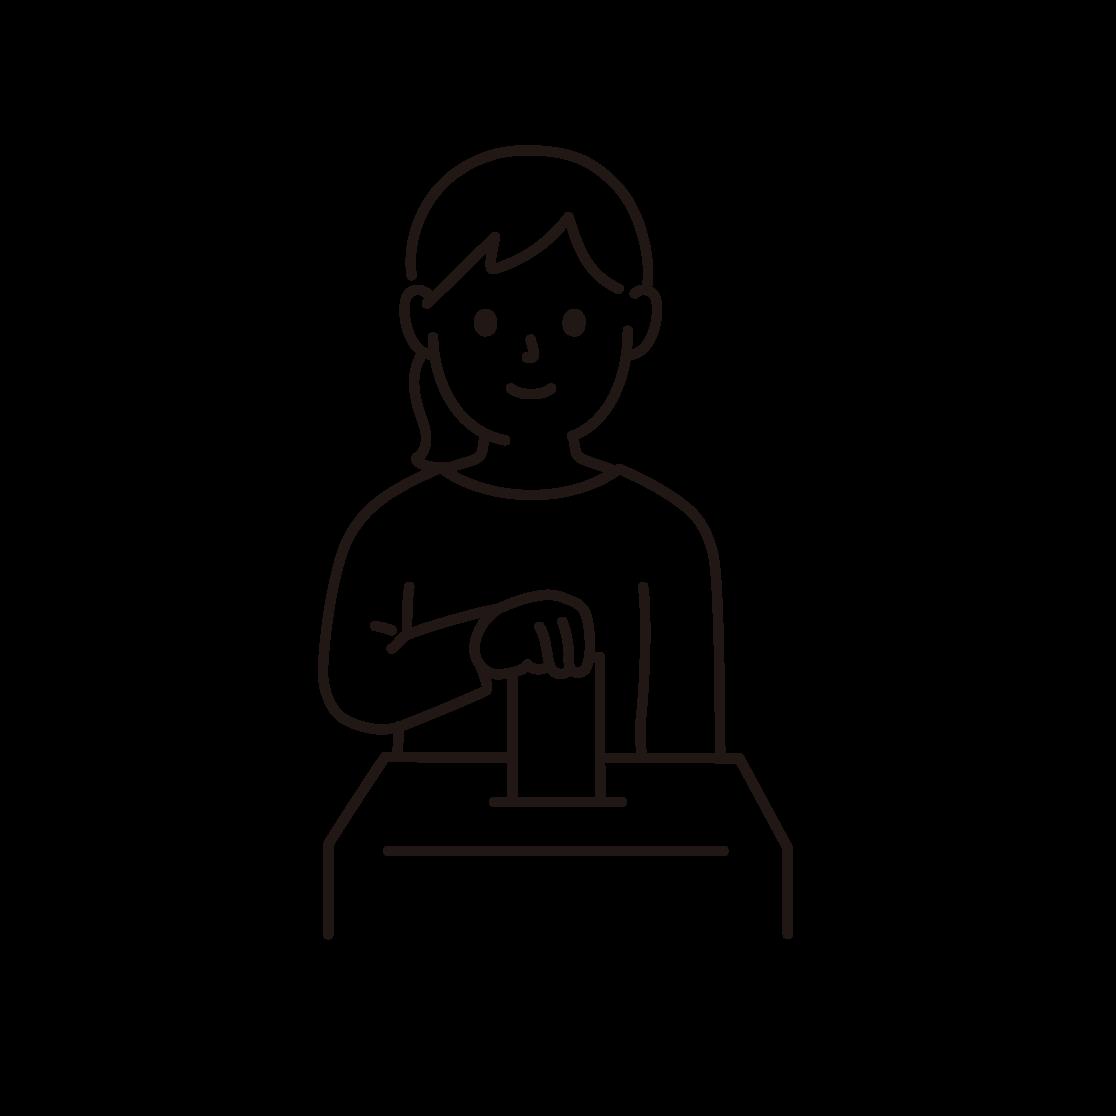 投票している女性のイラスト(線画)